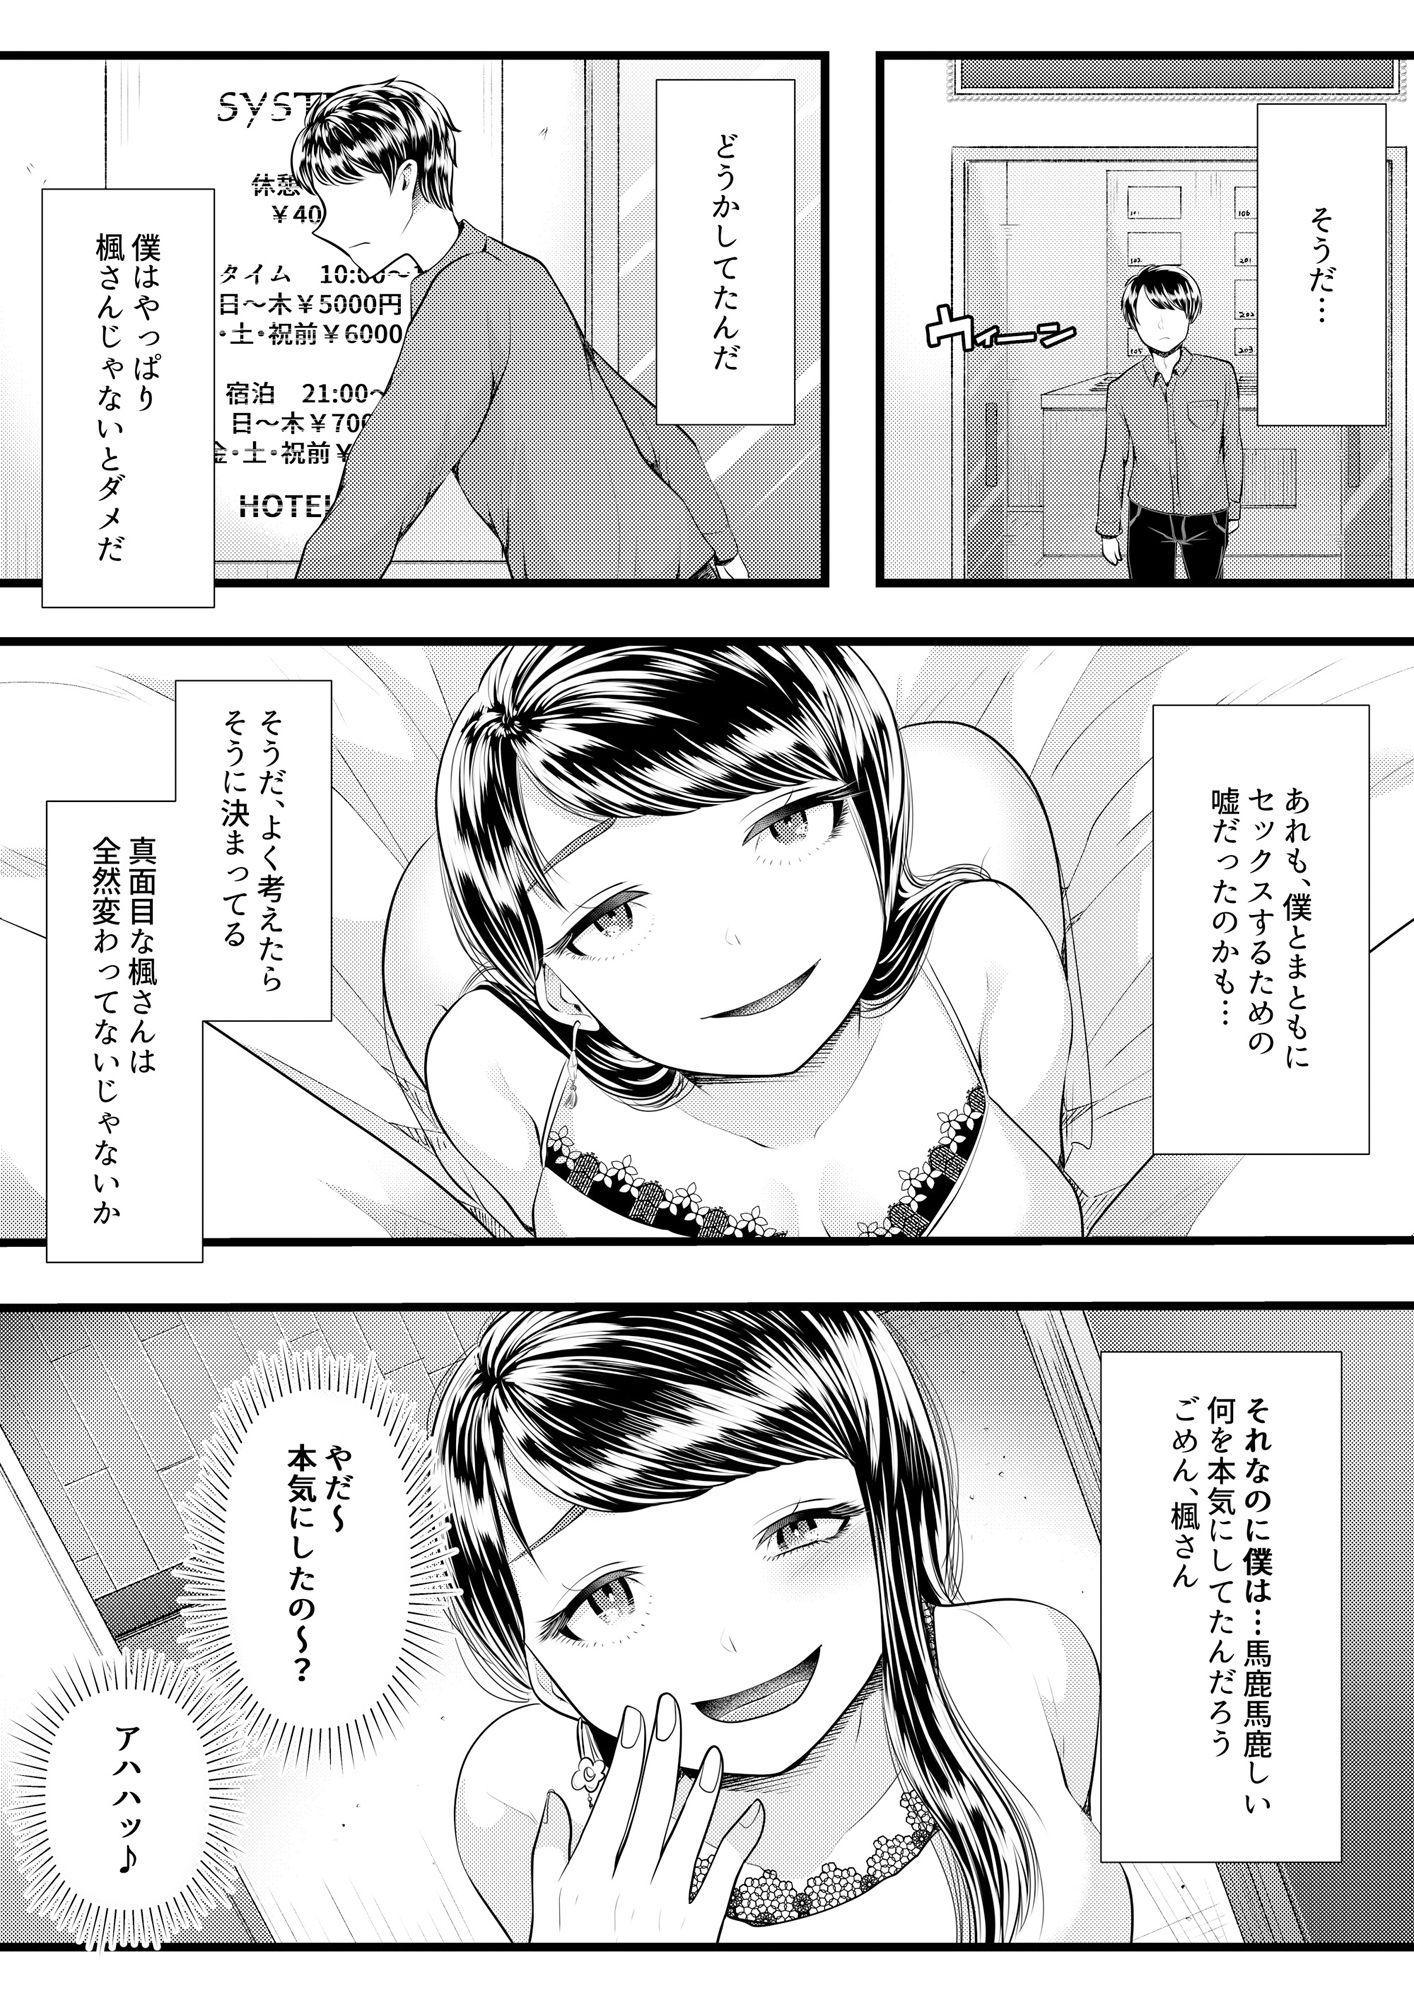 エロ-3-7 【NTR】ベッドの下に隠れてたワイ…その上で恋人が自分以外の男とセックスを始めてしまう…【エロ漫画:初めての寝取られマゾ化調教3: ブリッツクリーク】